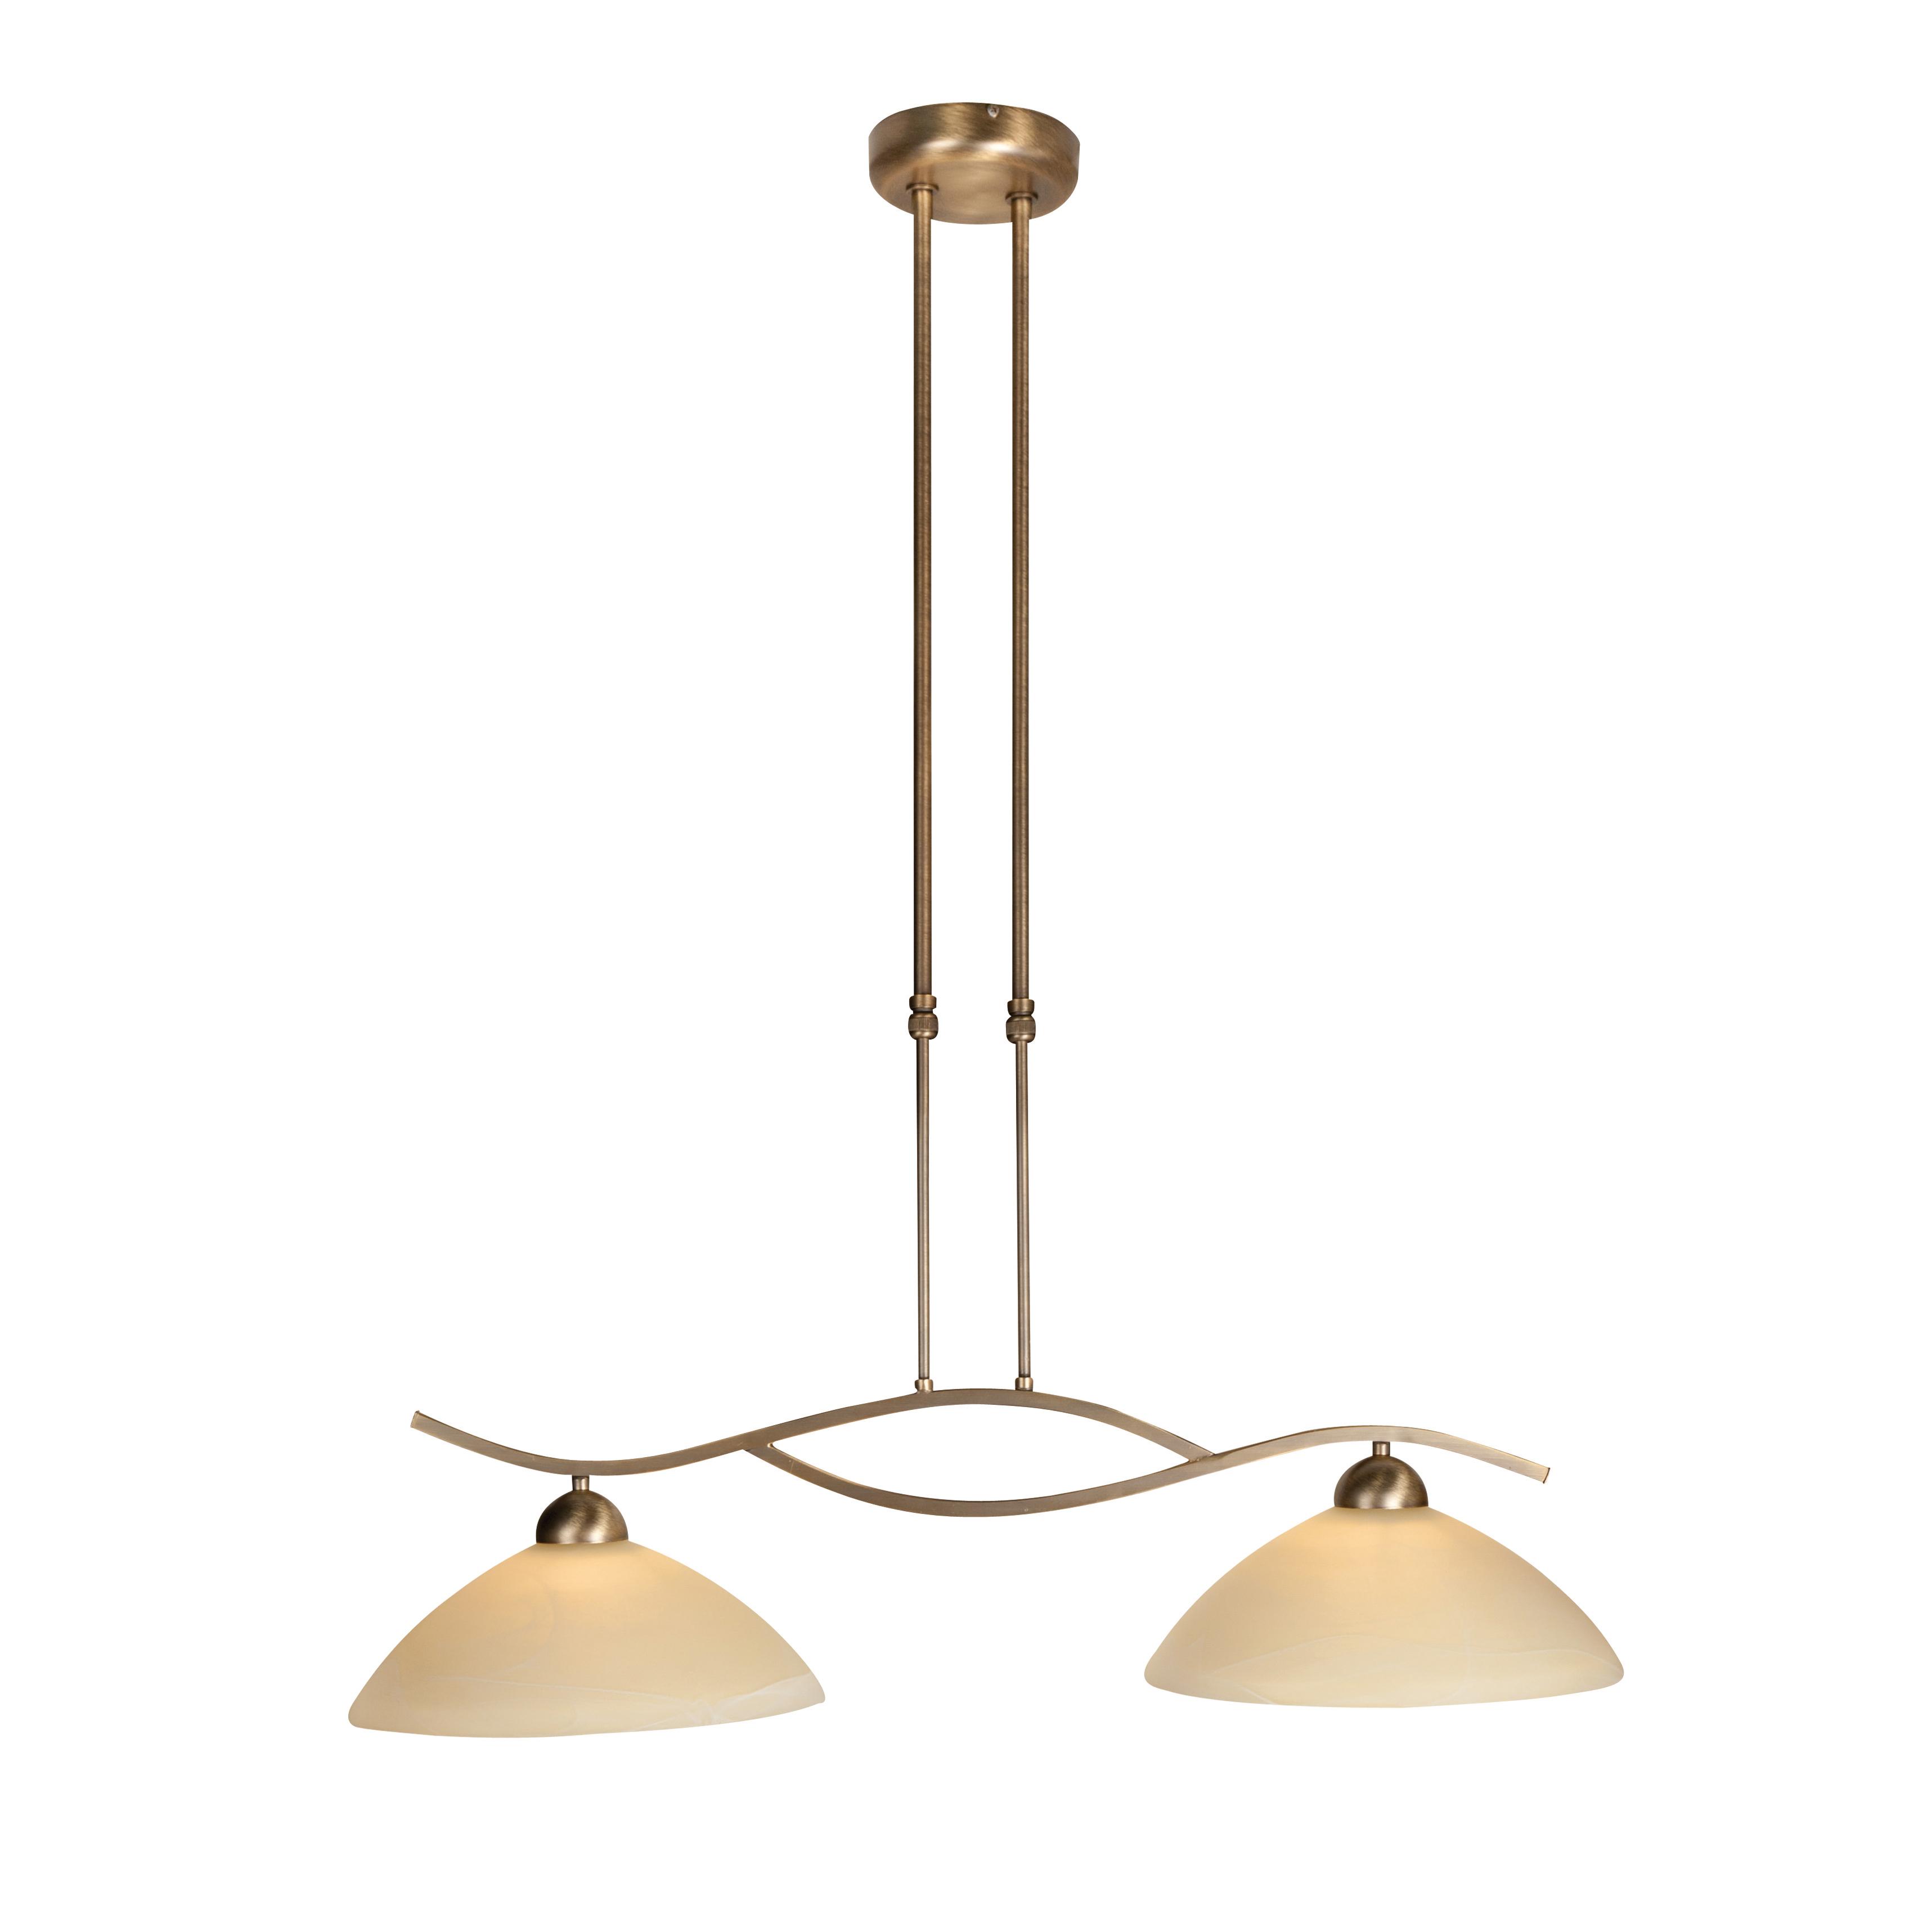 Klassieke hanglamp brons met schuifstang 2-lichts - Corsaire